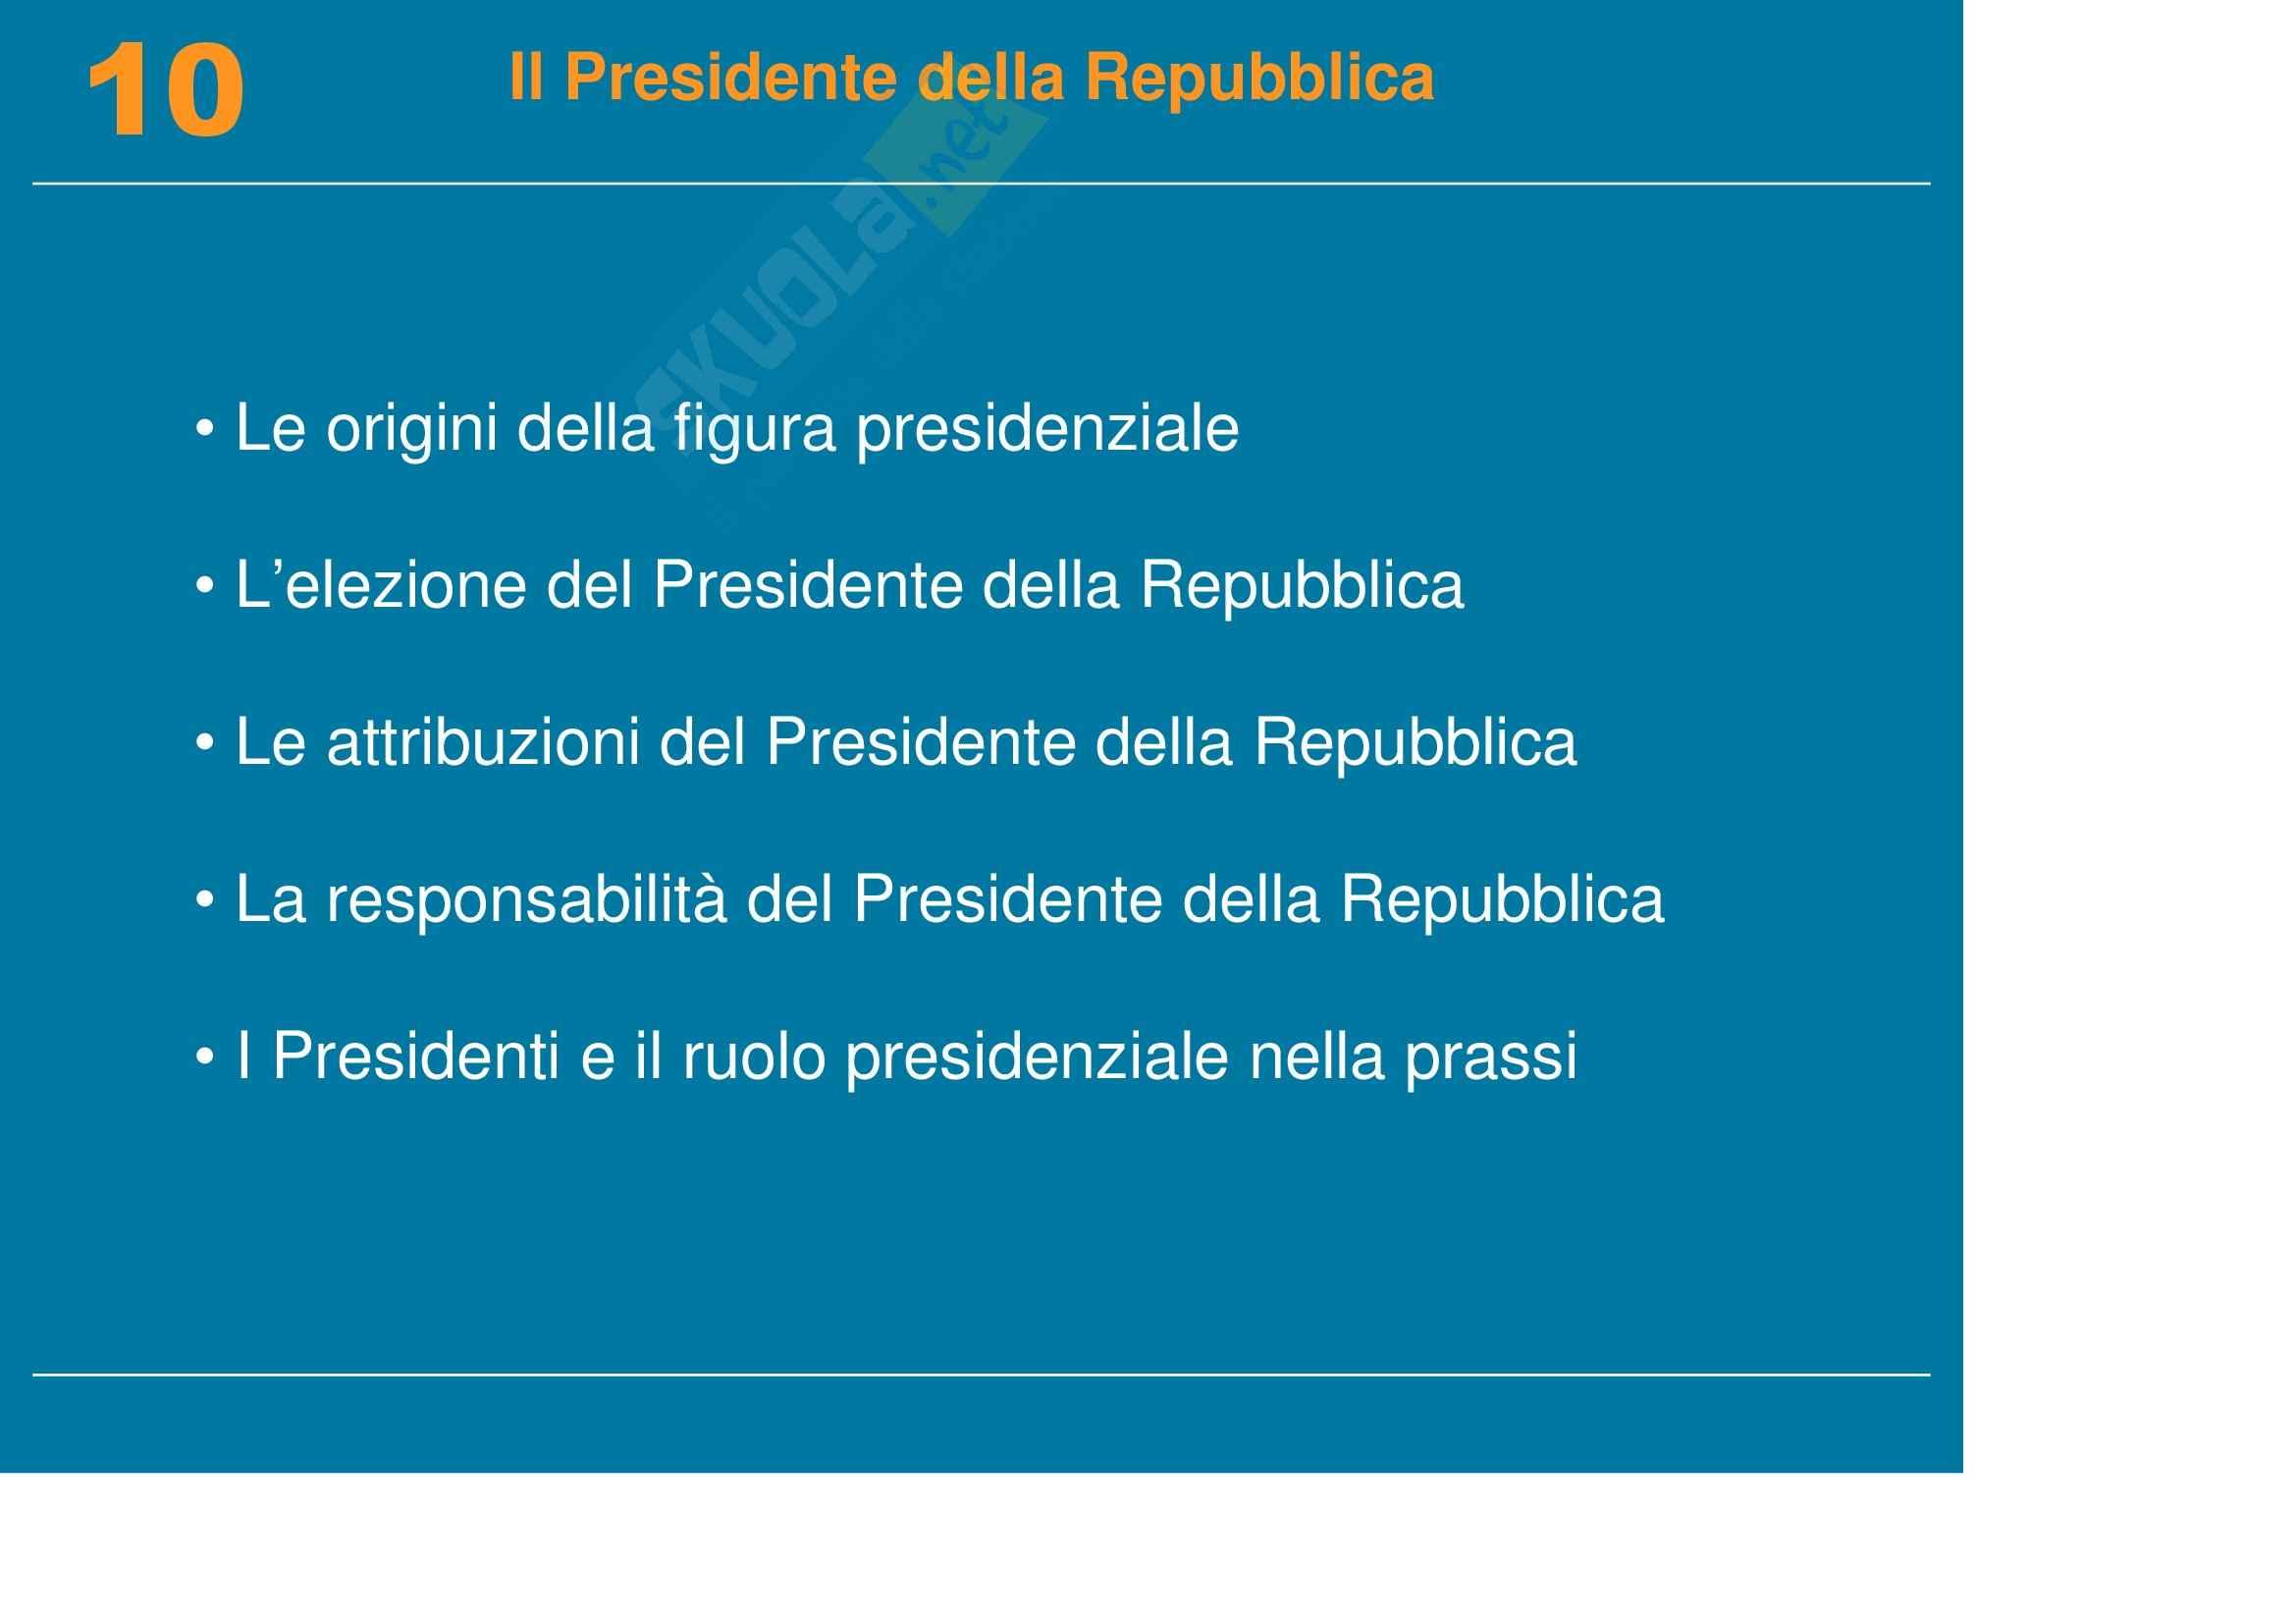 Diritto pubblico, dell'informazione e della comunicazione - il Presidente della Repubblica